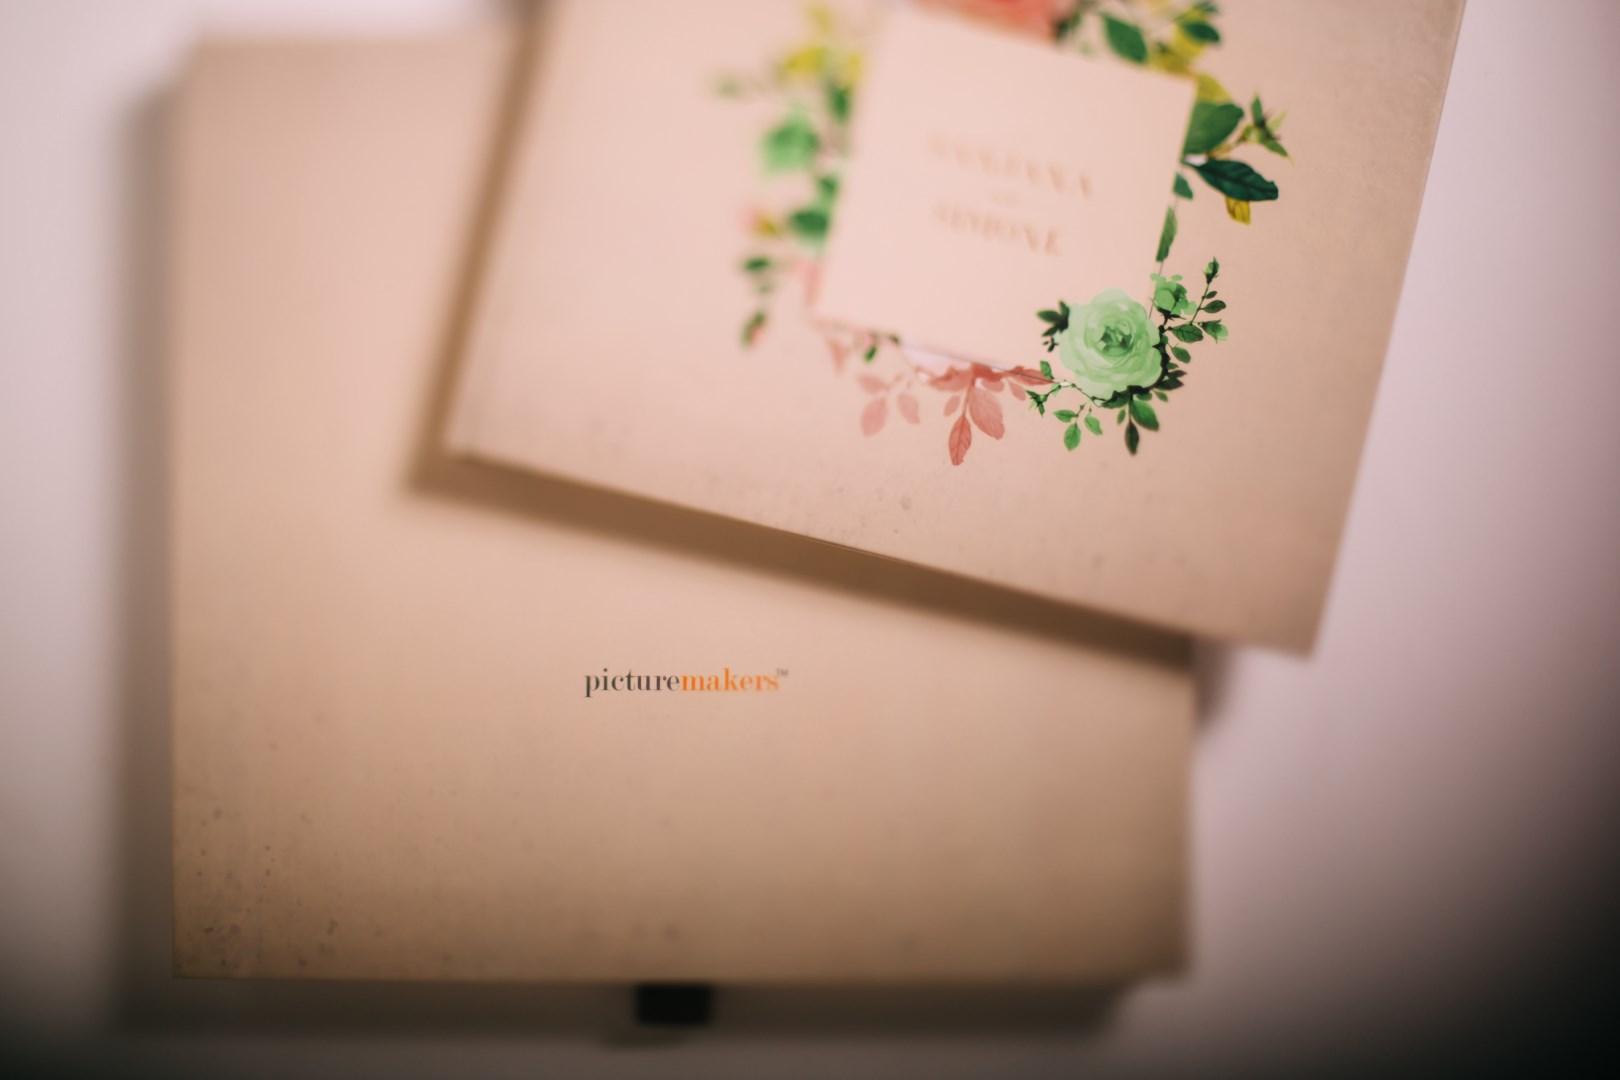 picturemakers-30 .jpg